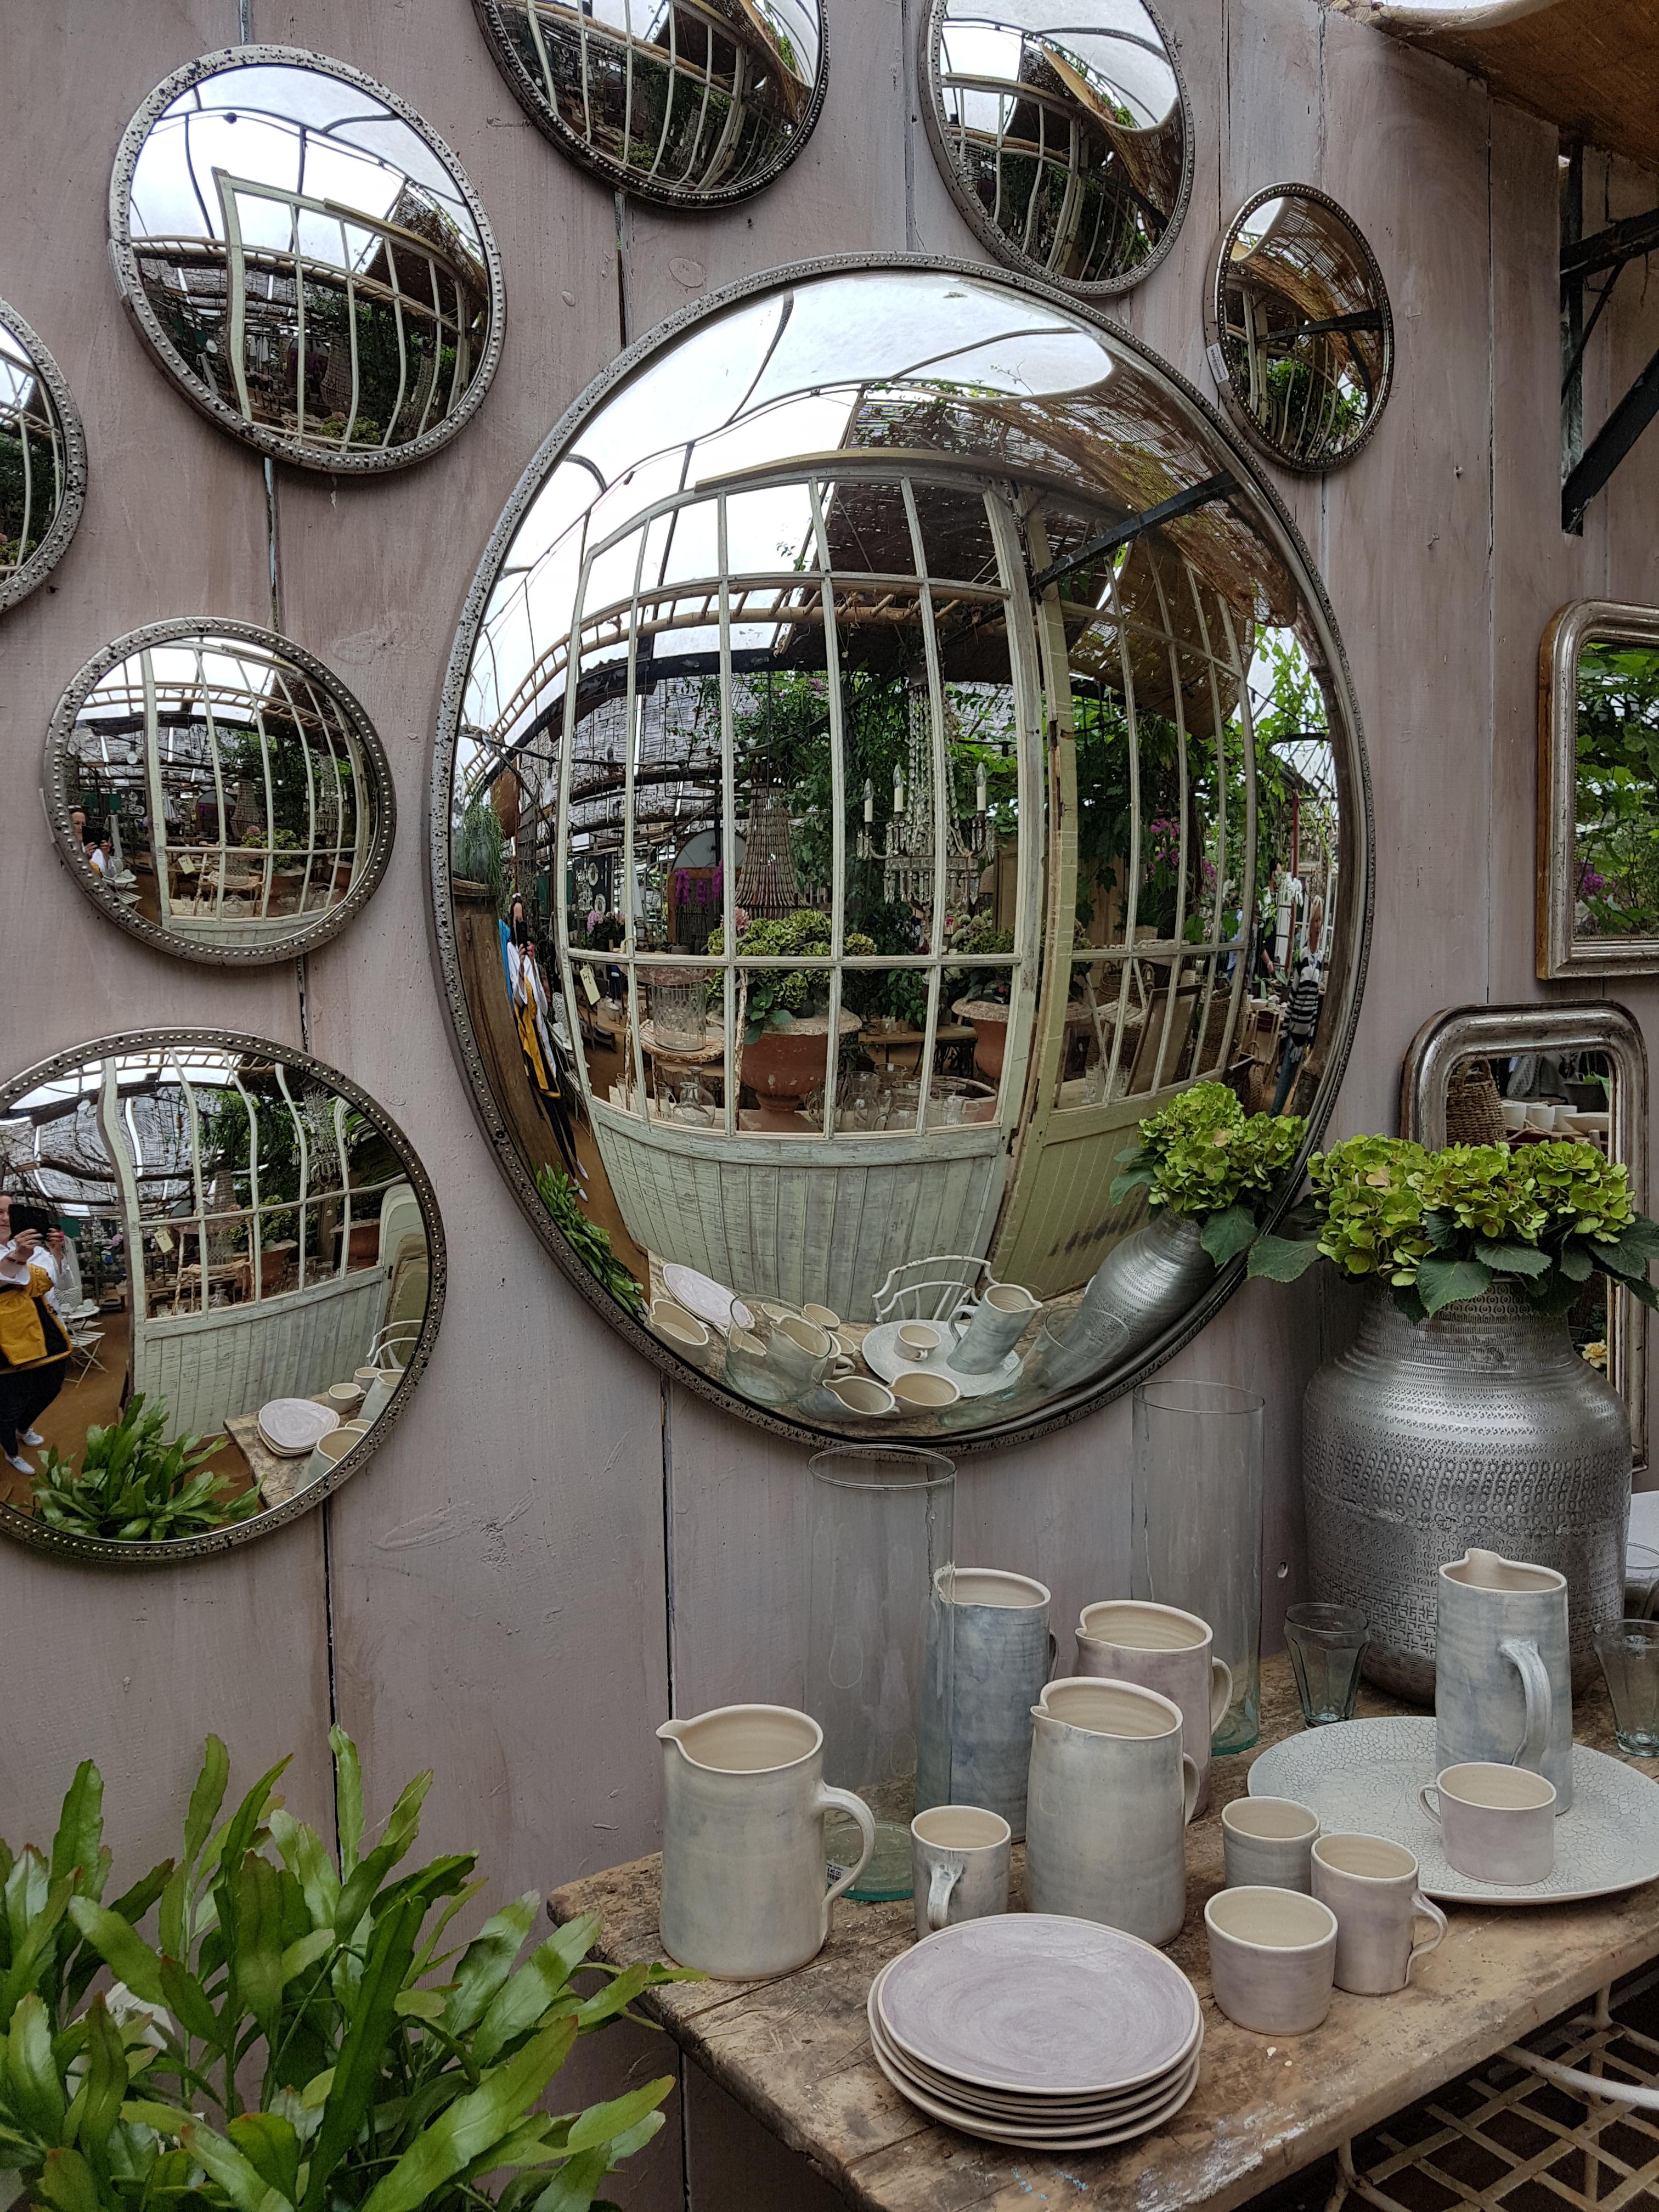 Round Beaded Convex Mirrors, Petersham Nurseries. Photo: Charis White Image